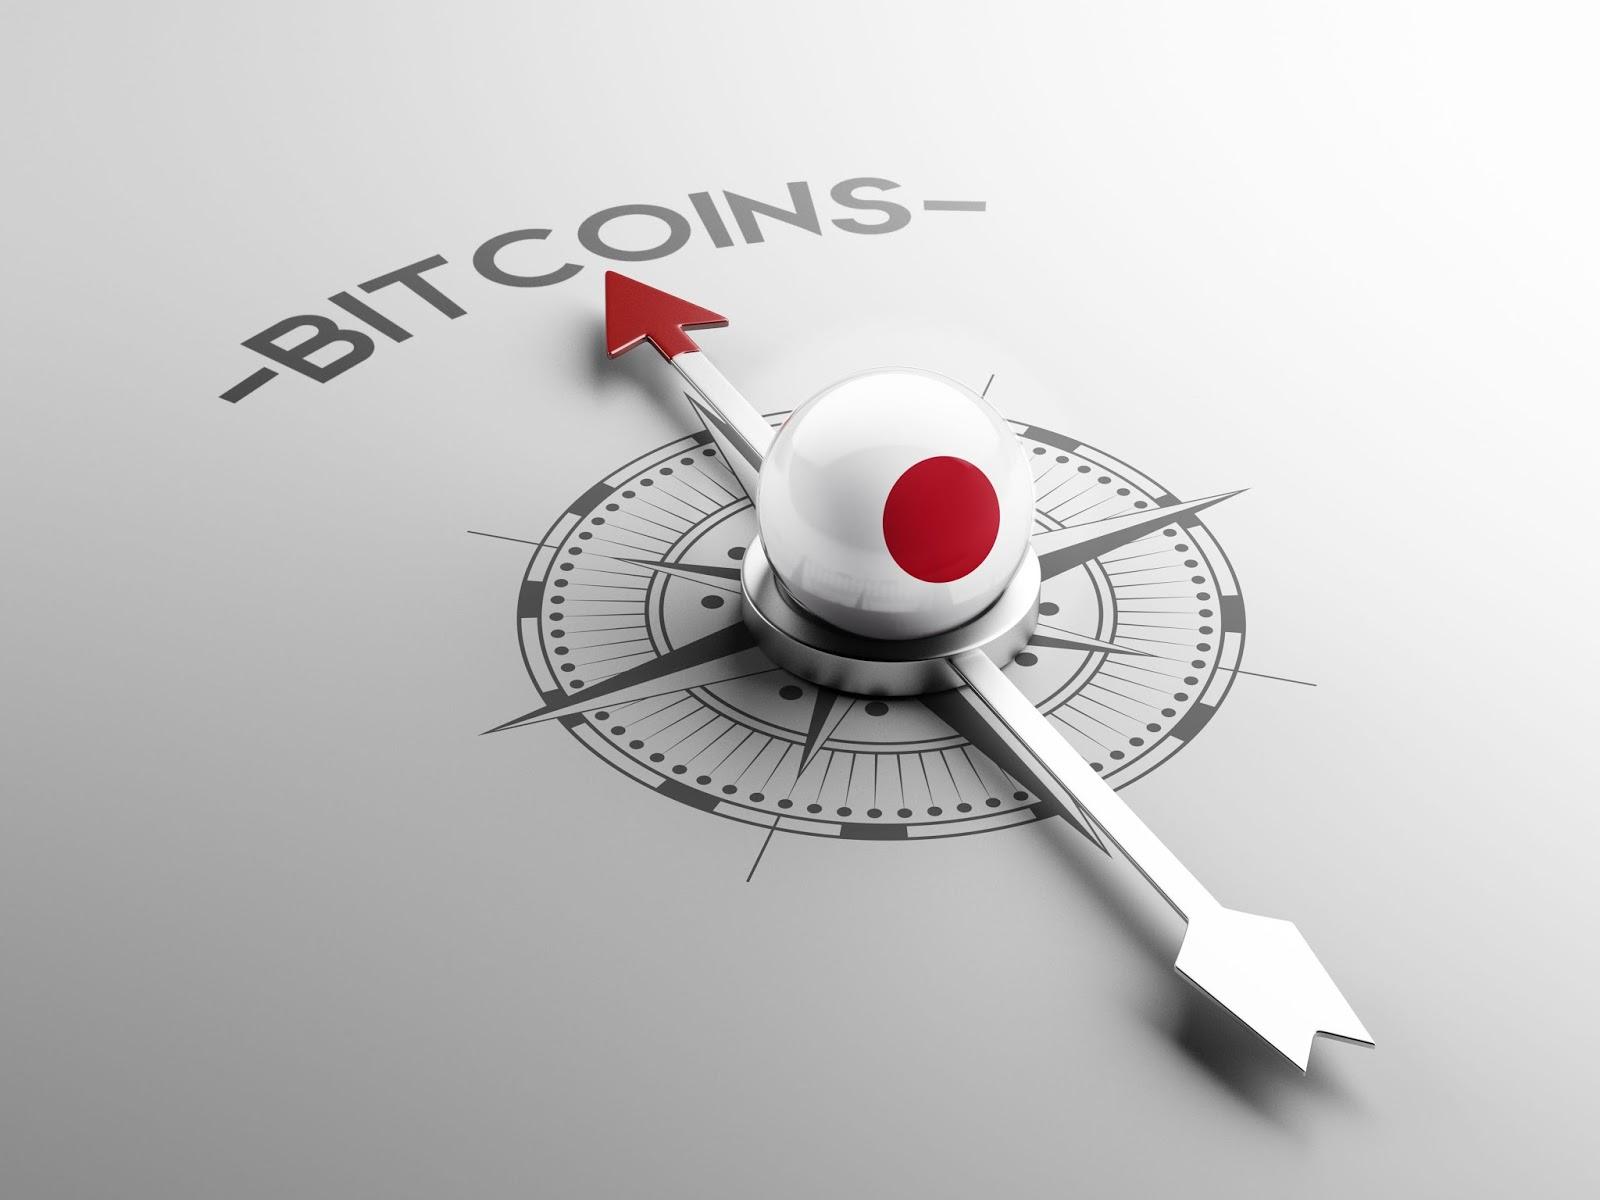 Nhật Bản chính thức hợp pháp hóa Bitcoin kể từ ngày 01/04/2017